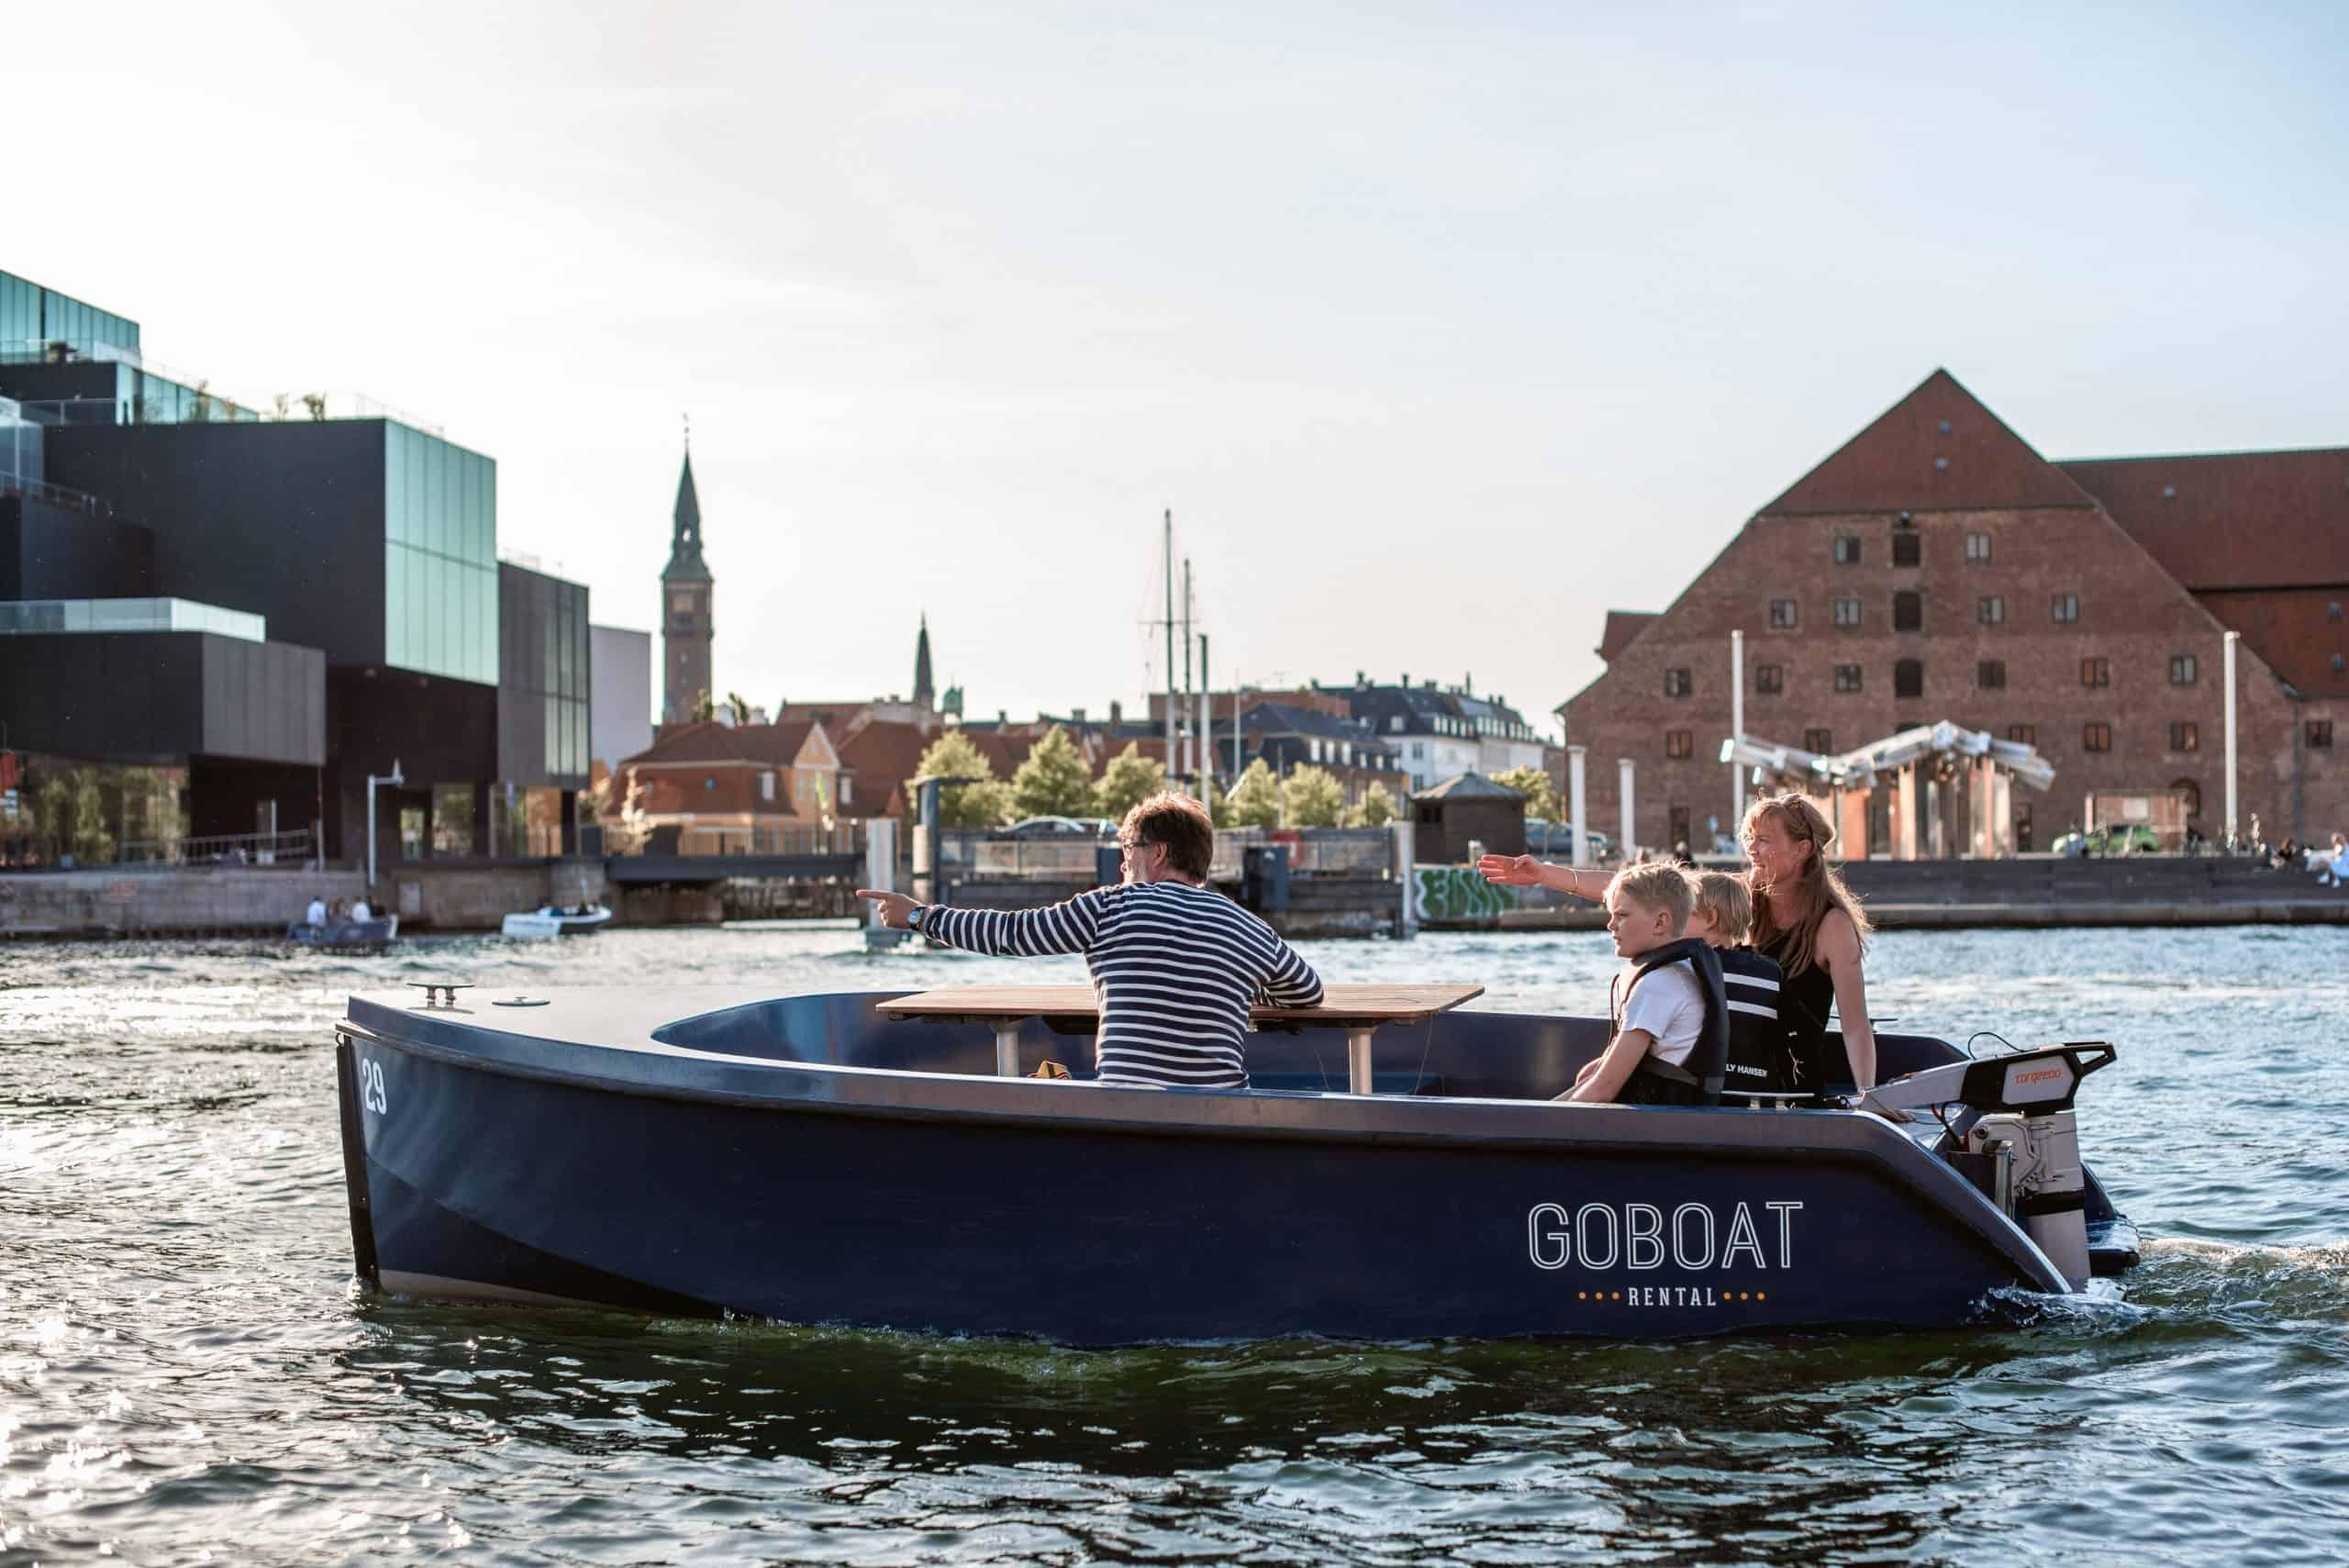 Goboat Photo: Abdellah Ihadian https://instagram.com/mr_babdellahn